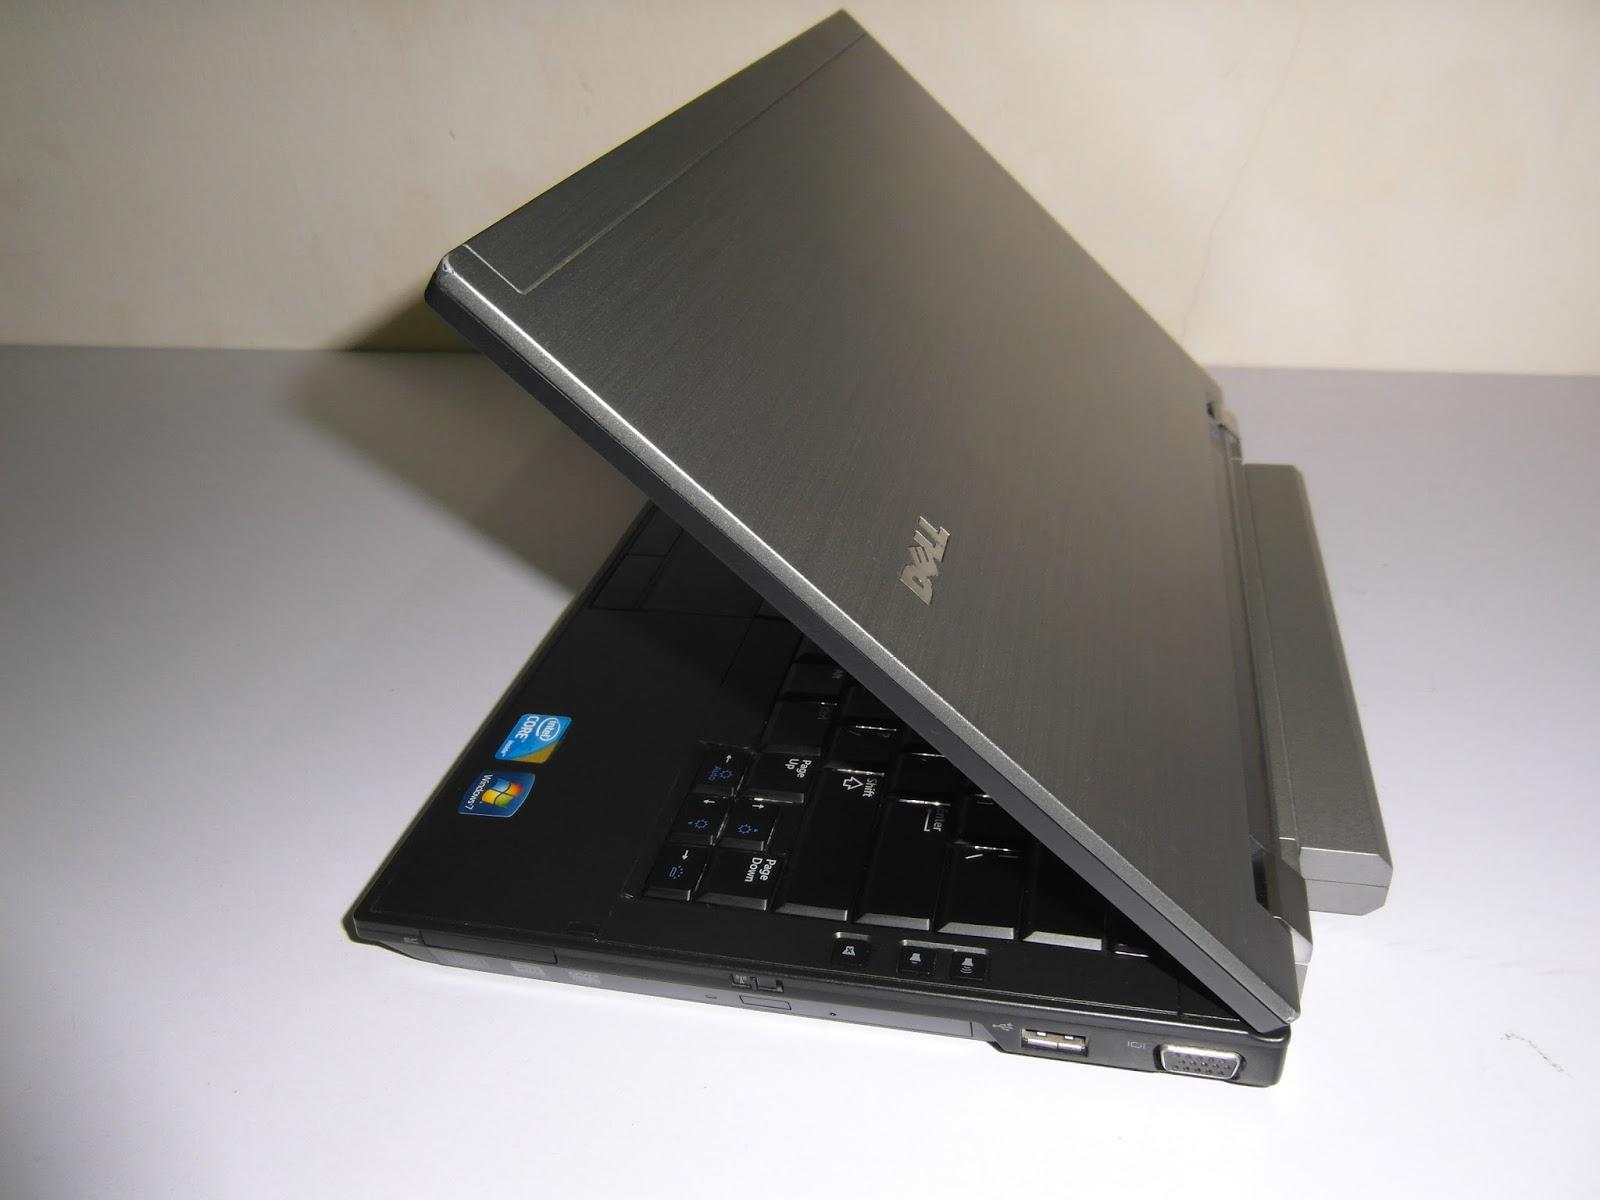 TQC - Laptop Dell core i5 đẹp leng keng, chơi game good nè